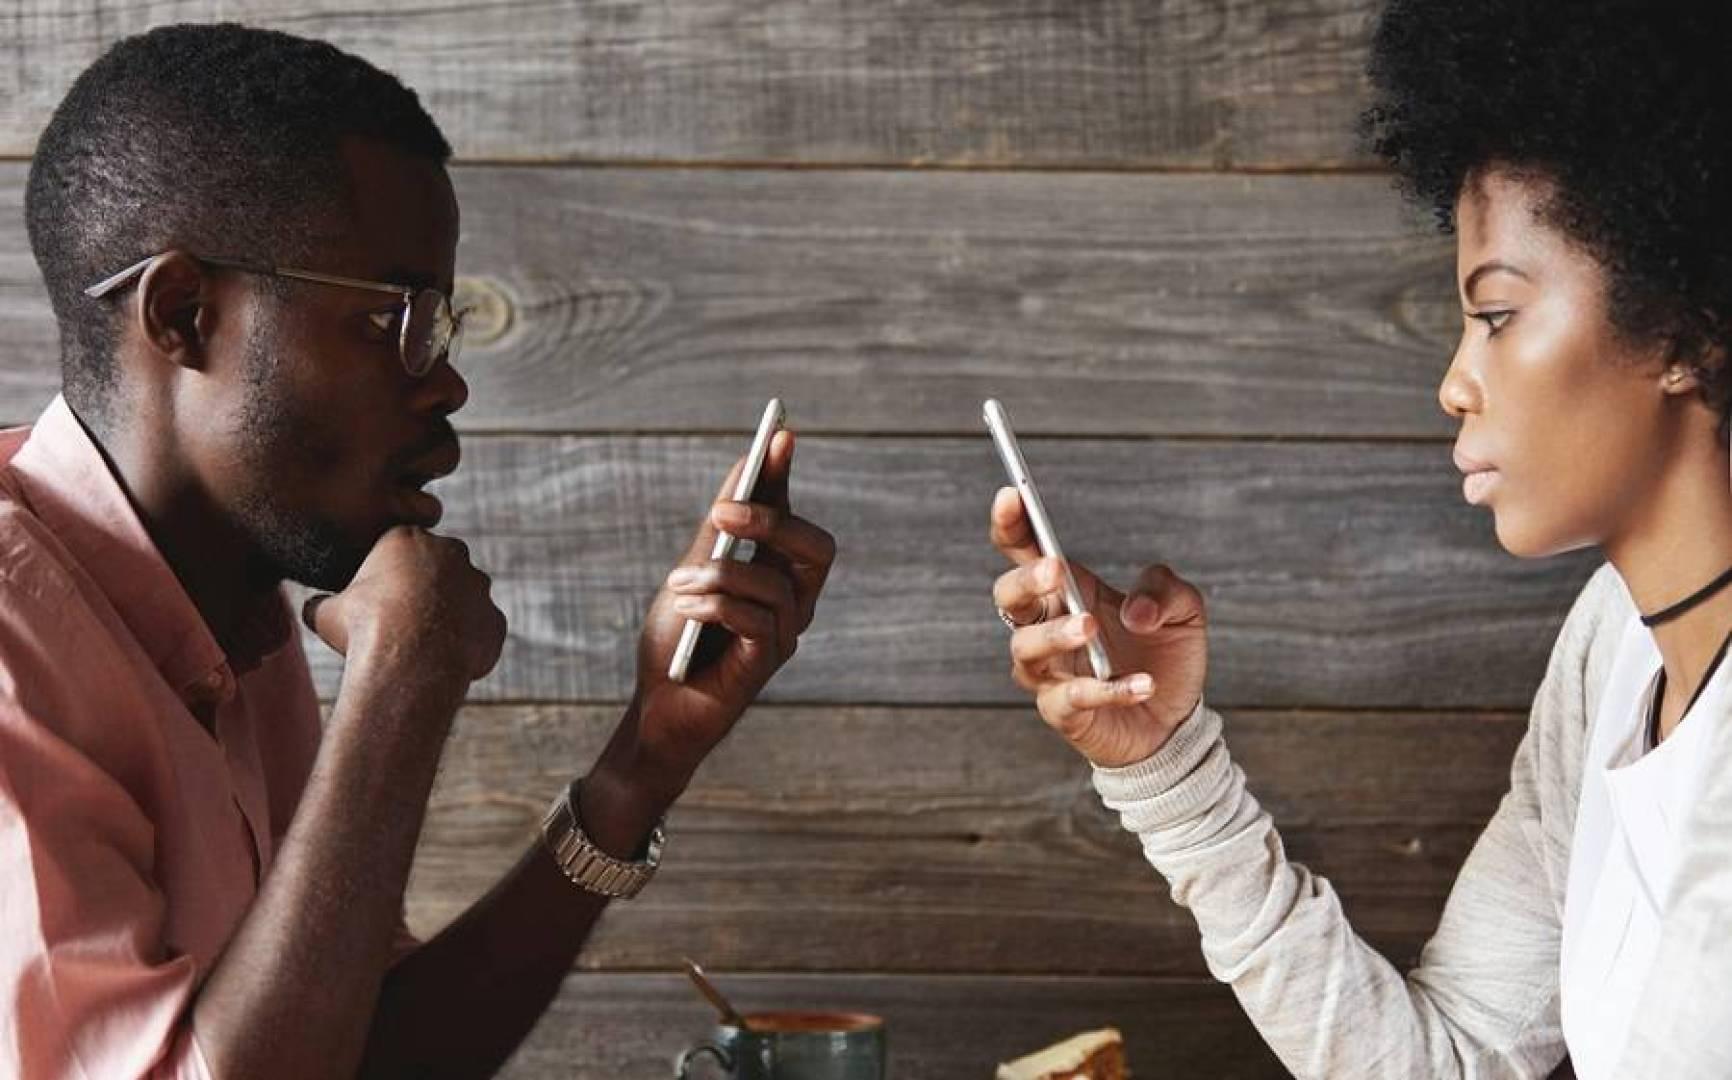 الأفارقة يدفعون أغلى فواتير الإنترنت في العالم.. ما السبب؟